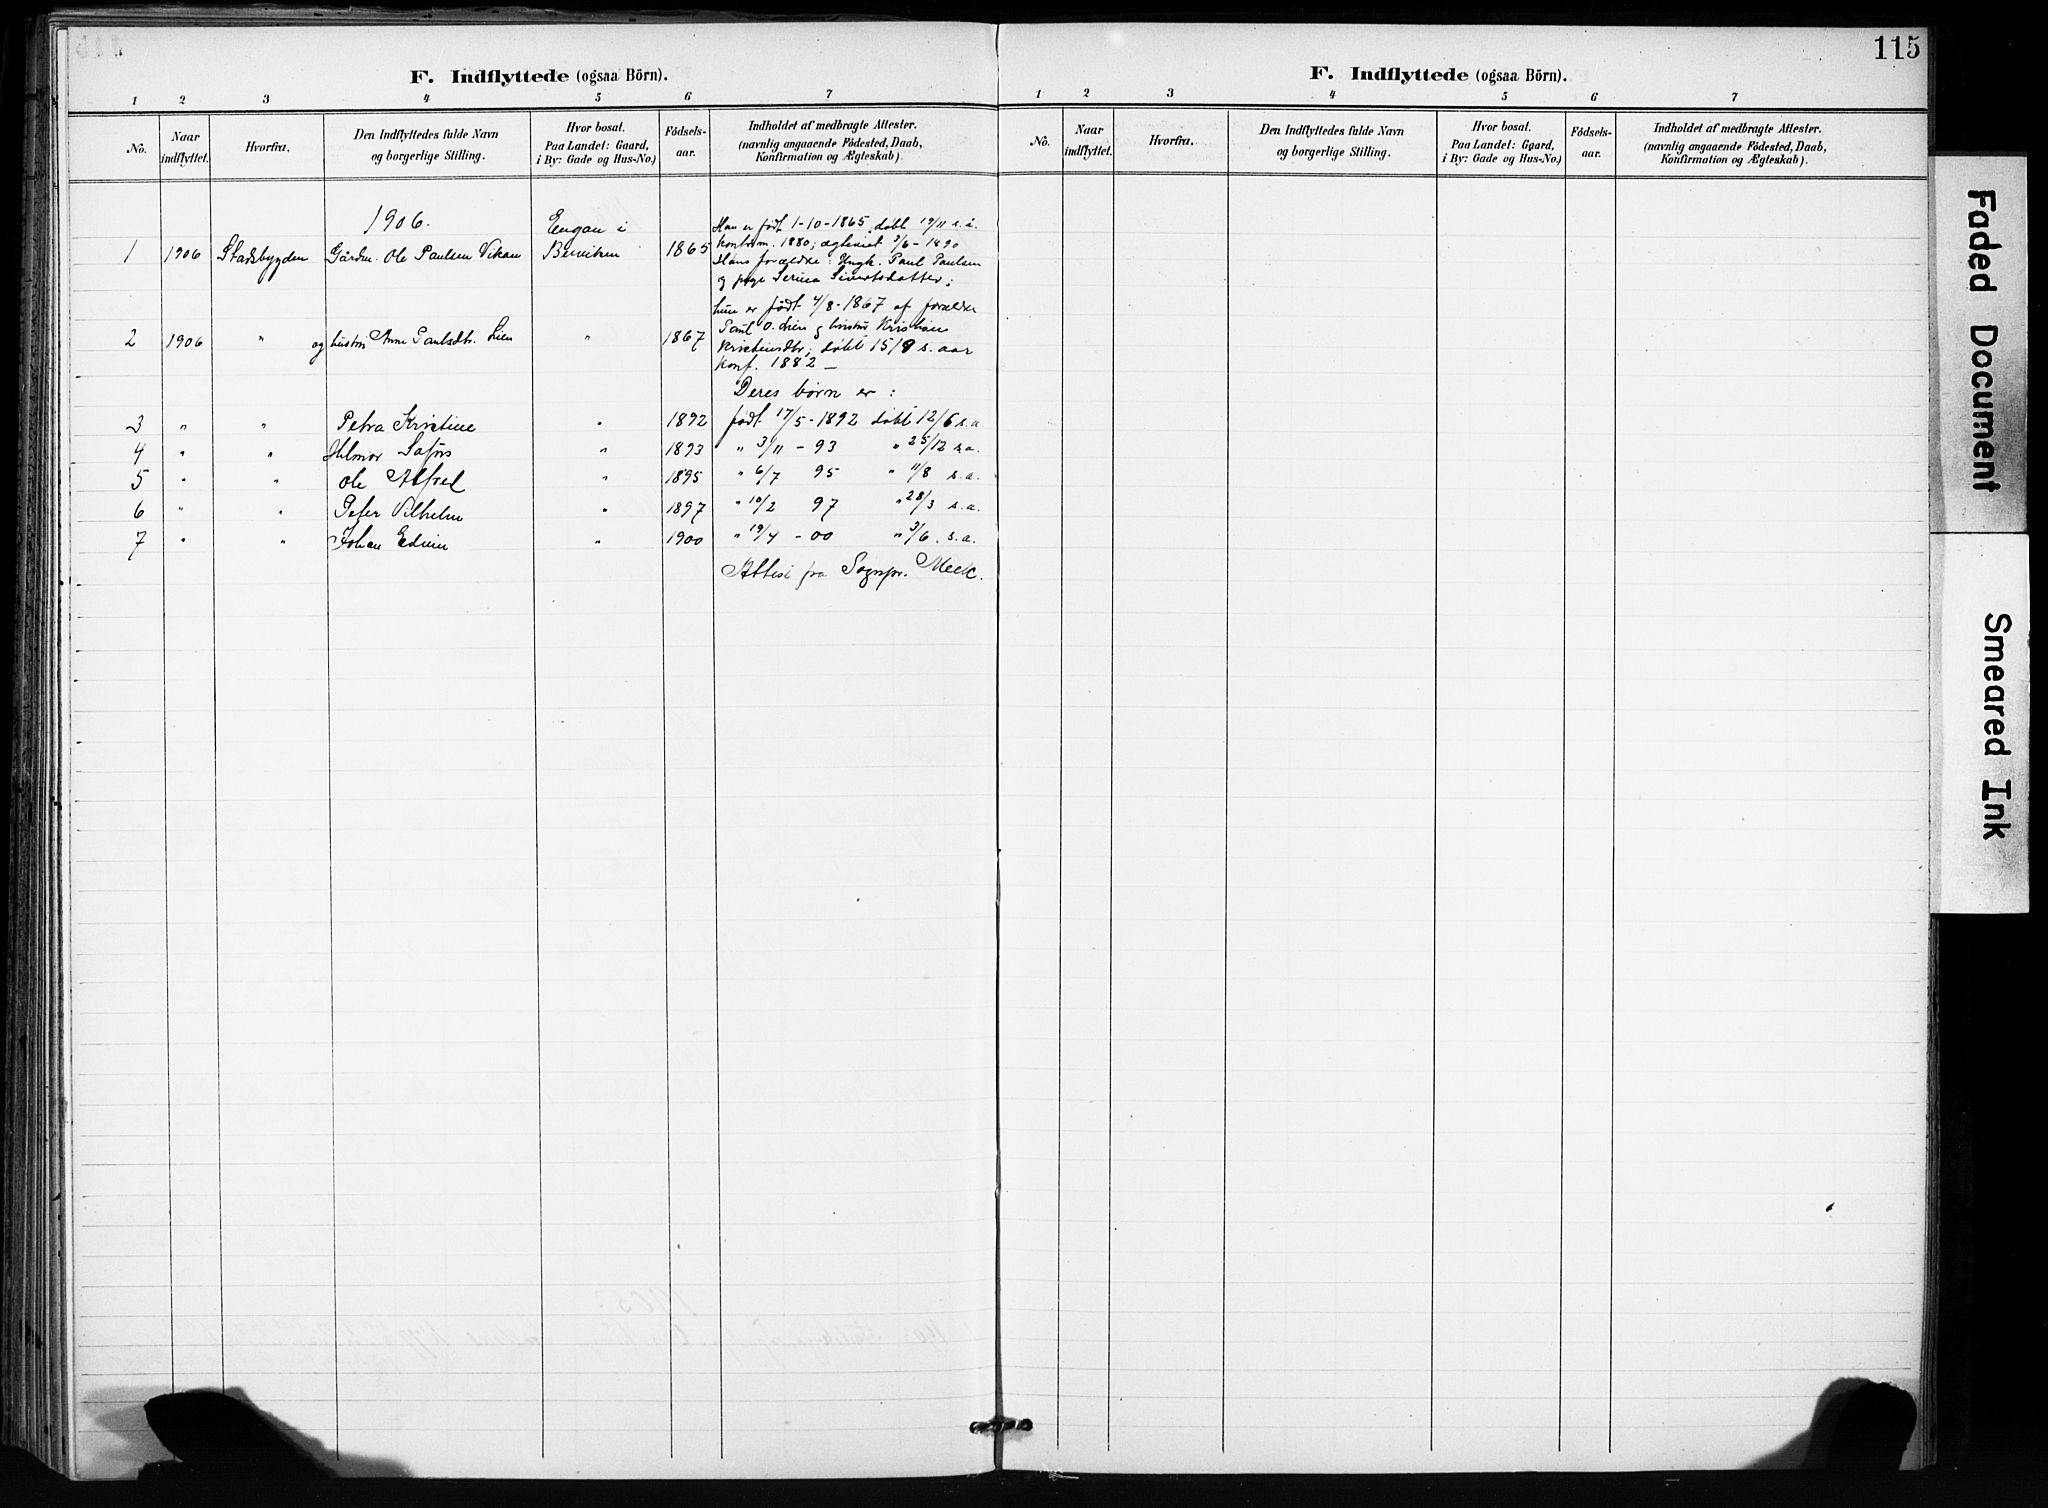 SAT, Ministerialprotokoller, klokkerbøker og fødselsregistre - Sør-Trøndelag, 666/L0787: Ministerialbok nr. 666A05, 1895-1908, s. 115